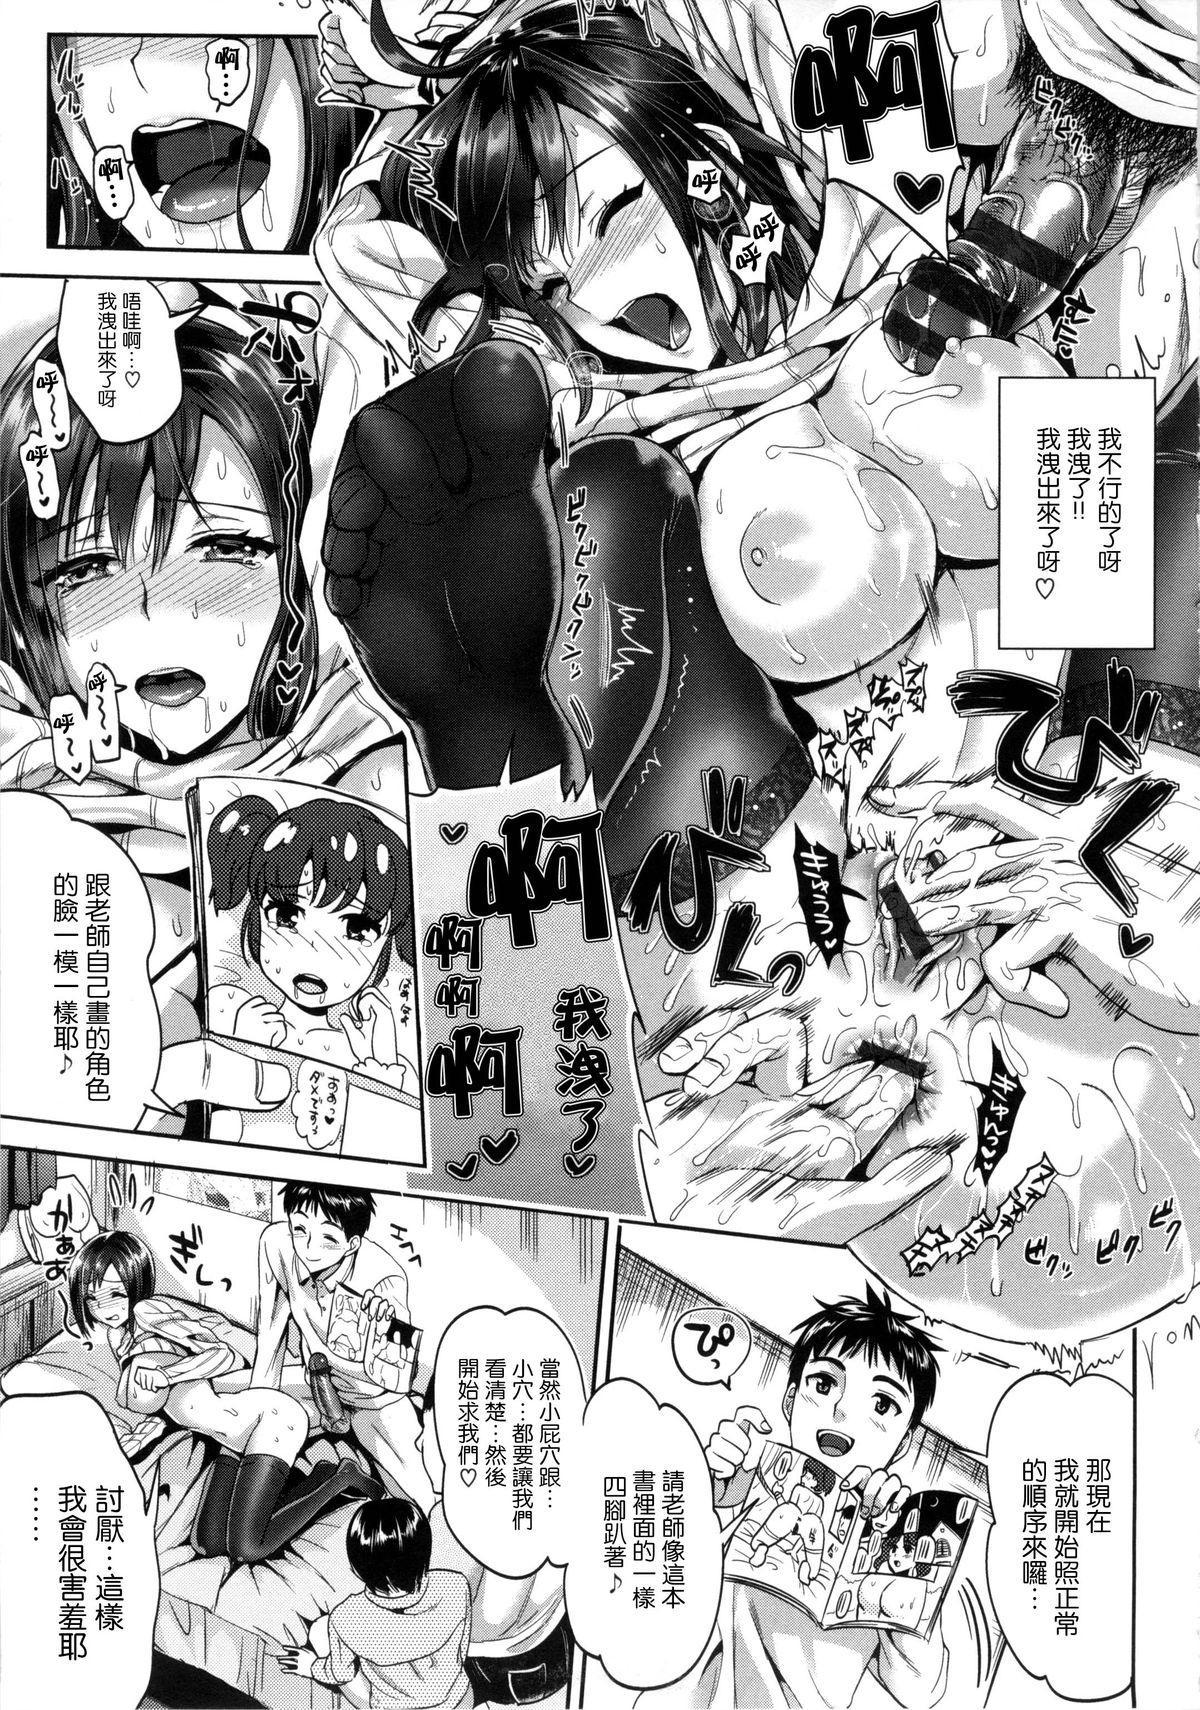 Seikousai - School Love Festival + Toranoana Gentei 8P Shousasshi 69